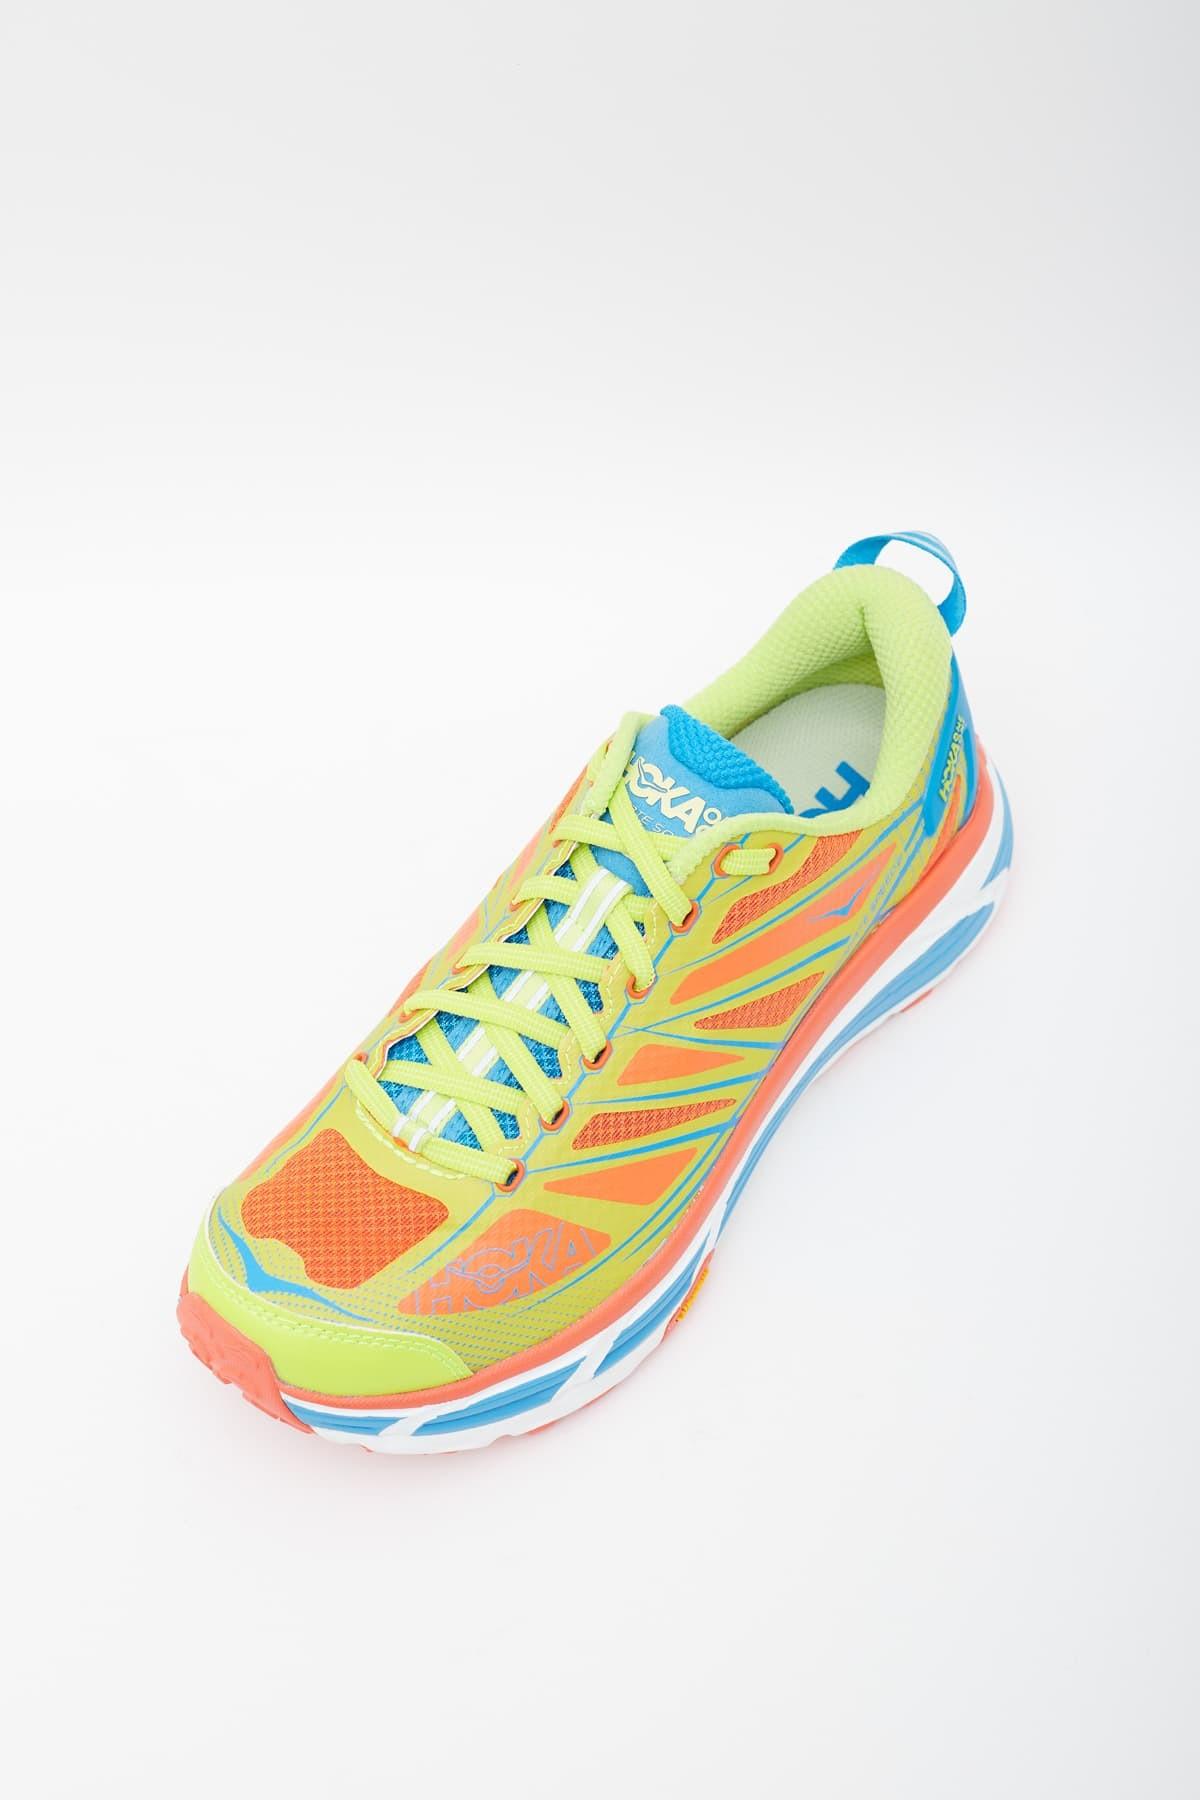 Shop Comme Des Garcons SHIRT x ASICS Blue Sneakers FG-K100